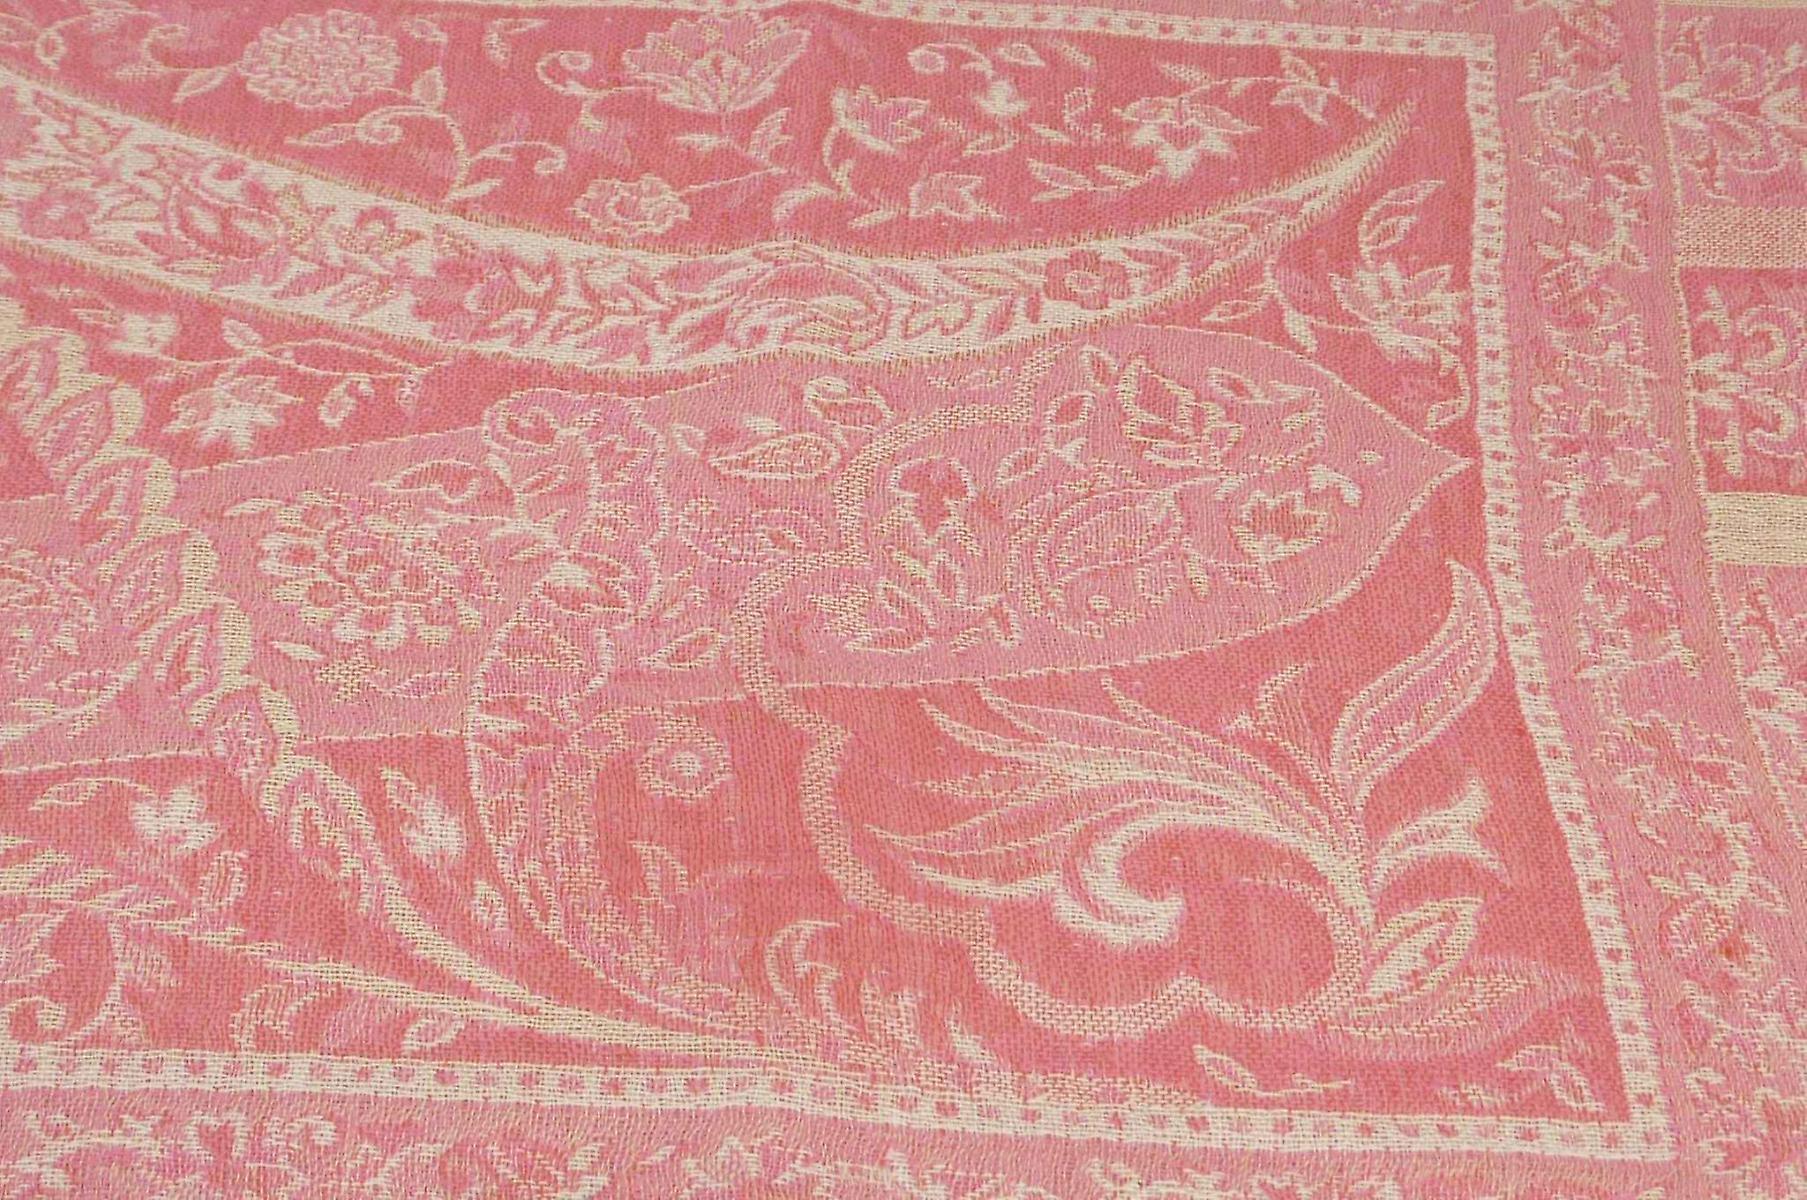 Muffler Scarf 4843 in Fine Pashmina Wool Heritage Range by Pashmina & Silk